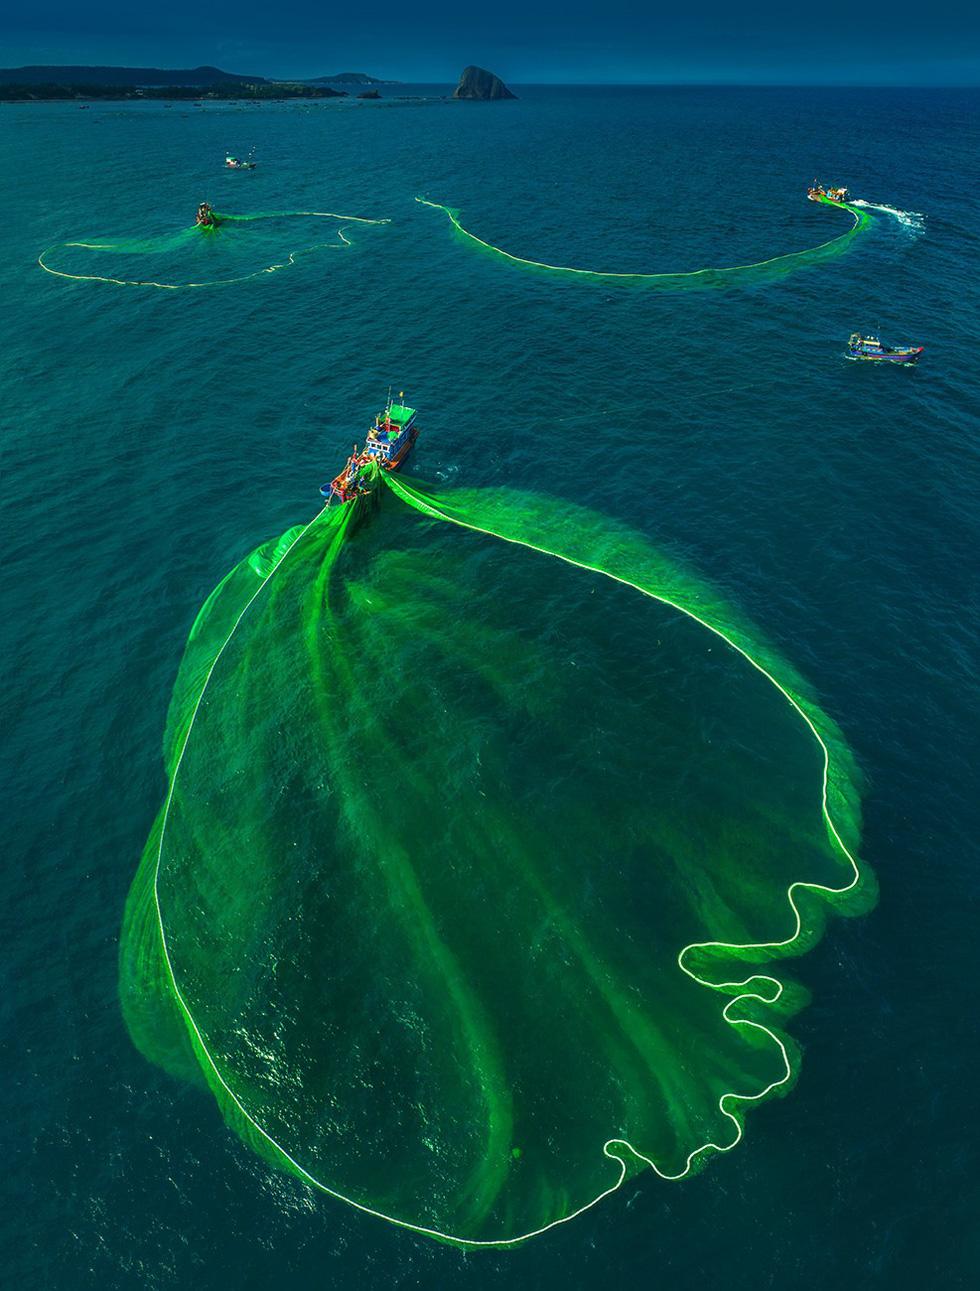 Vũ điệu ra khơi ở Hòn Yến mùa săn cá cơm ngần - Ảnh 2.